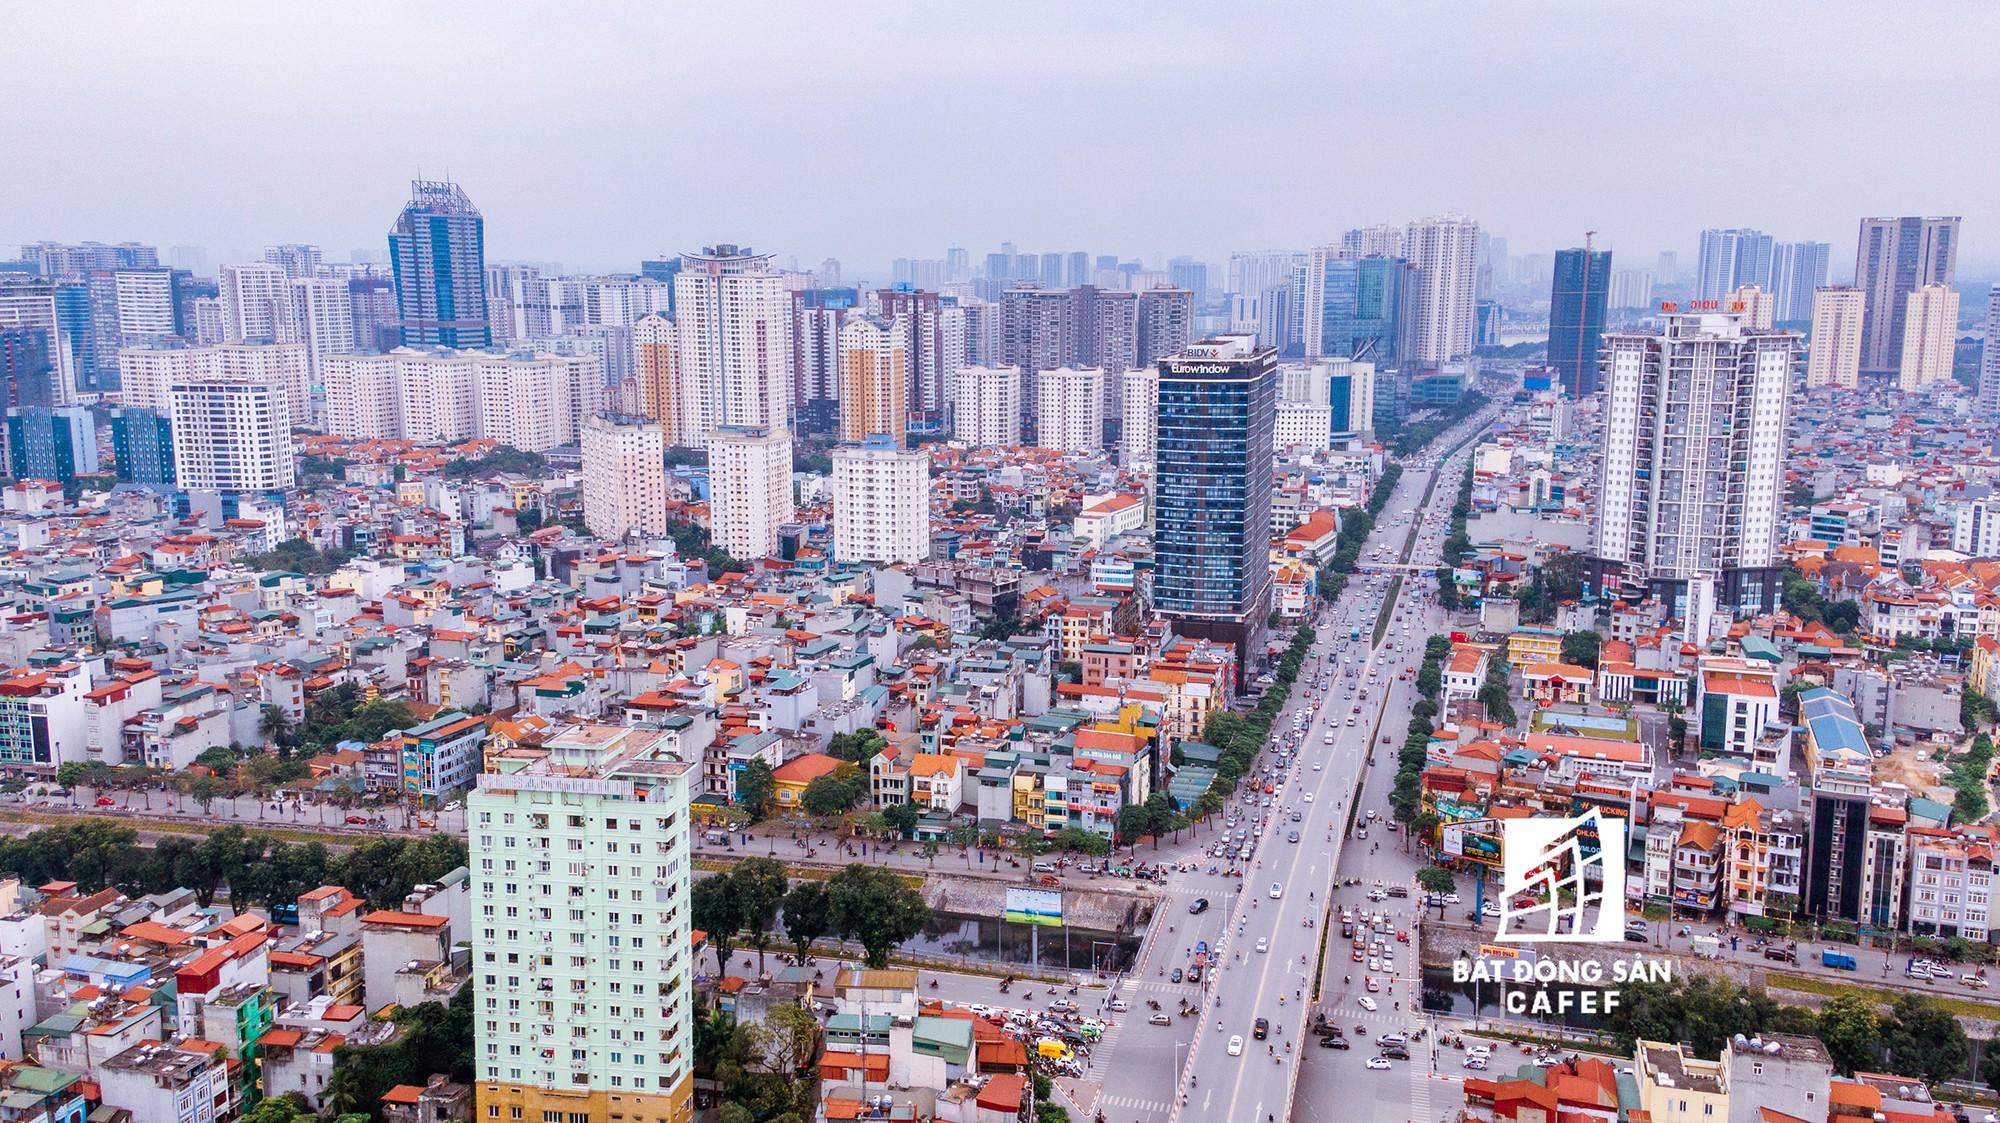 Toàn cảnh rừng cao ốc đang bóp nghẹt khu đô thị kiểu mẫu bậc nhất Hà Nội - Ảnh 14.